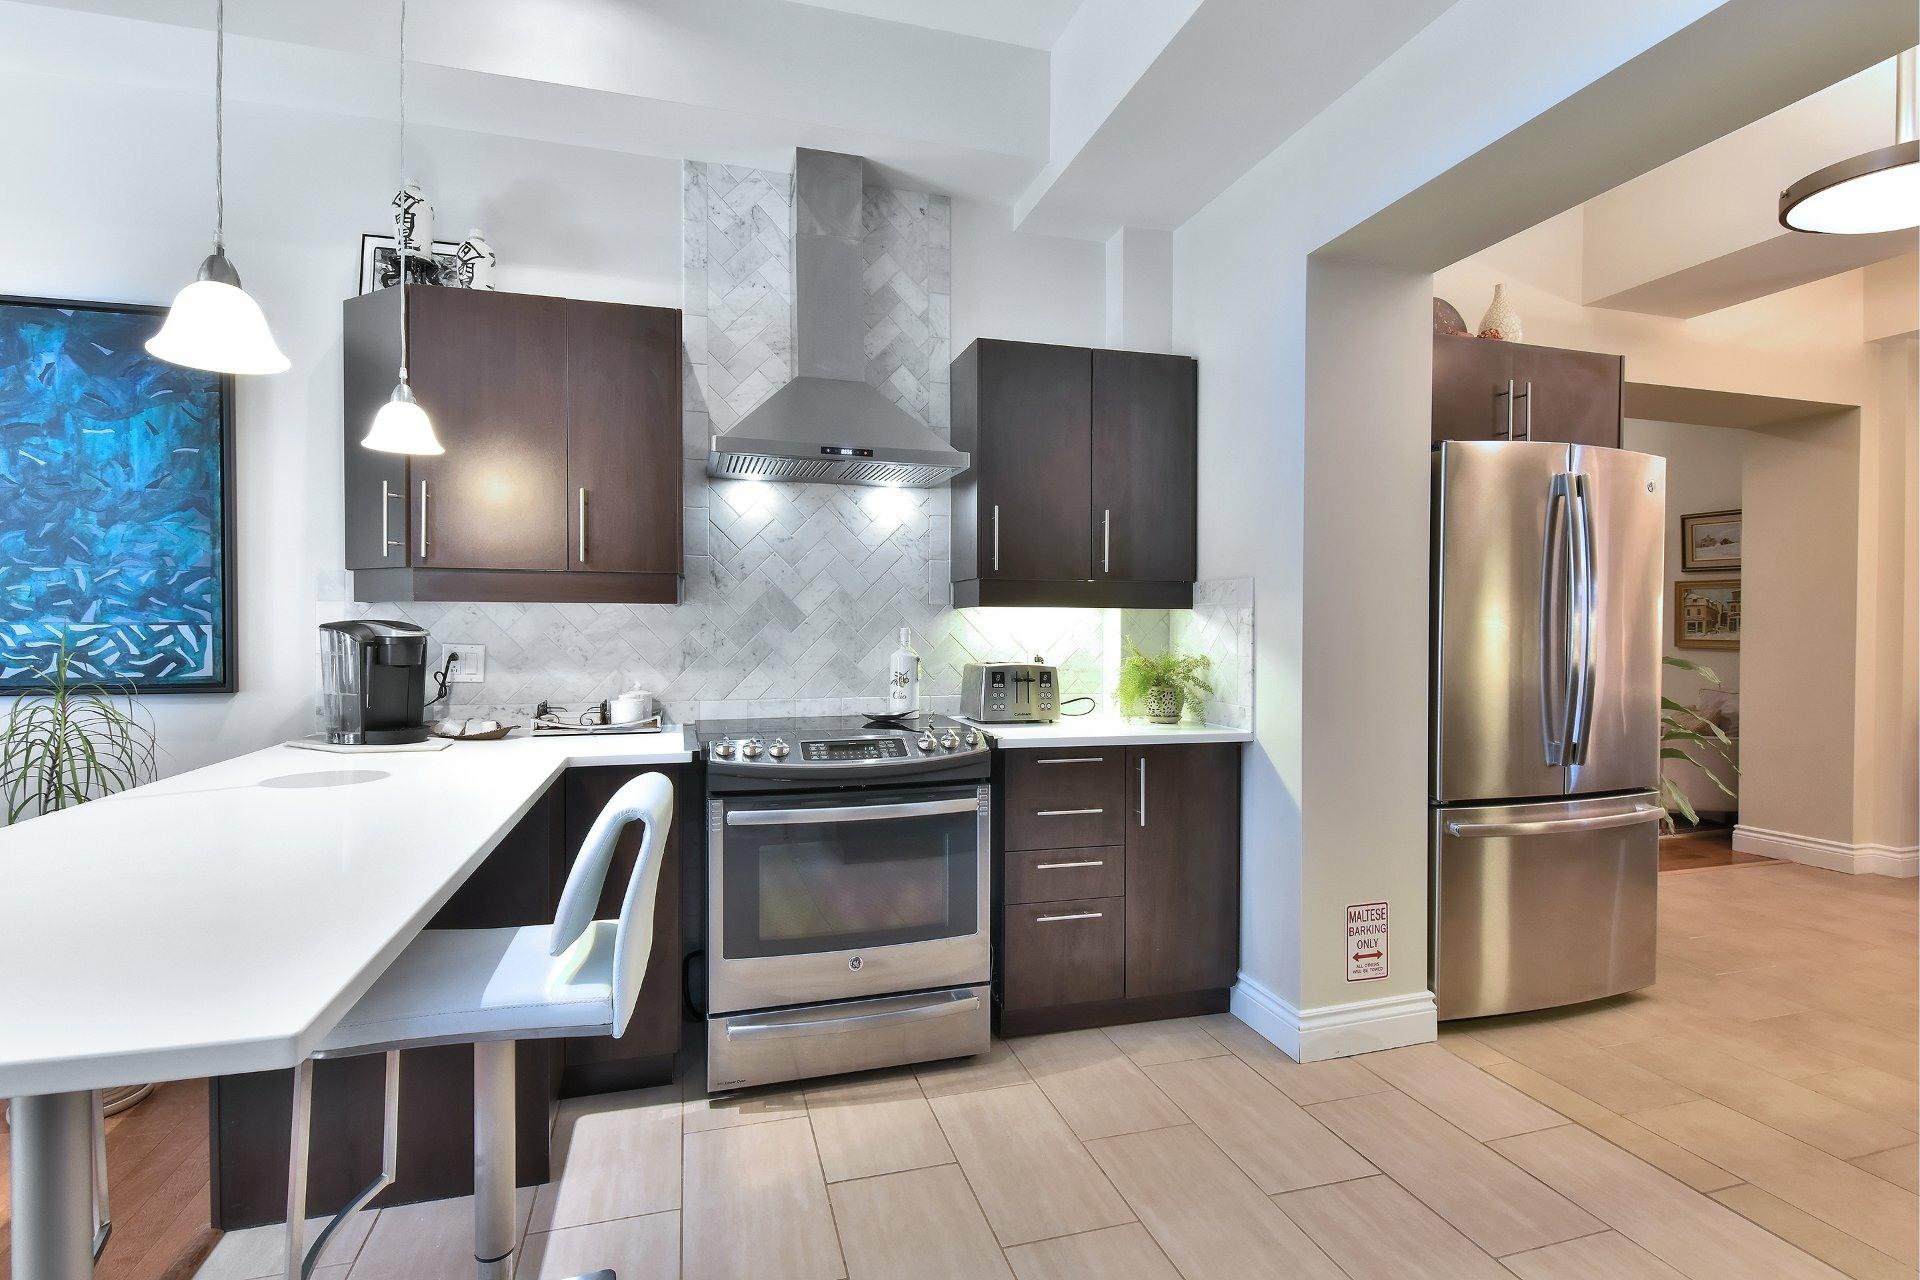 image 10 - Apartment For sale Montréal Côte-des-Neiges/Notre-Dame-de-Grâce  - 5 rooms